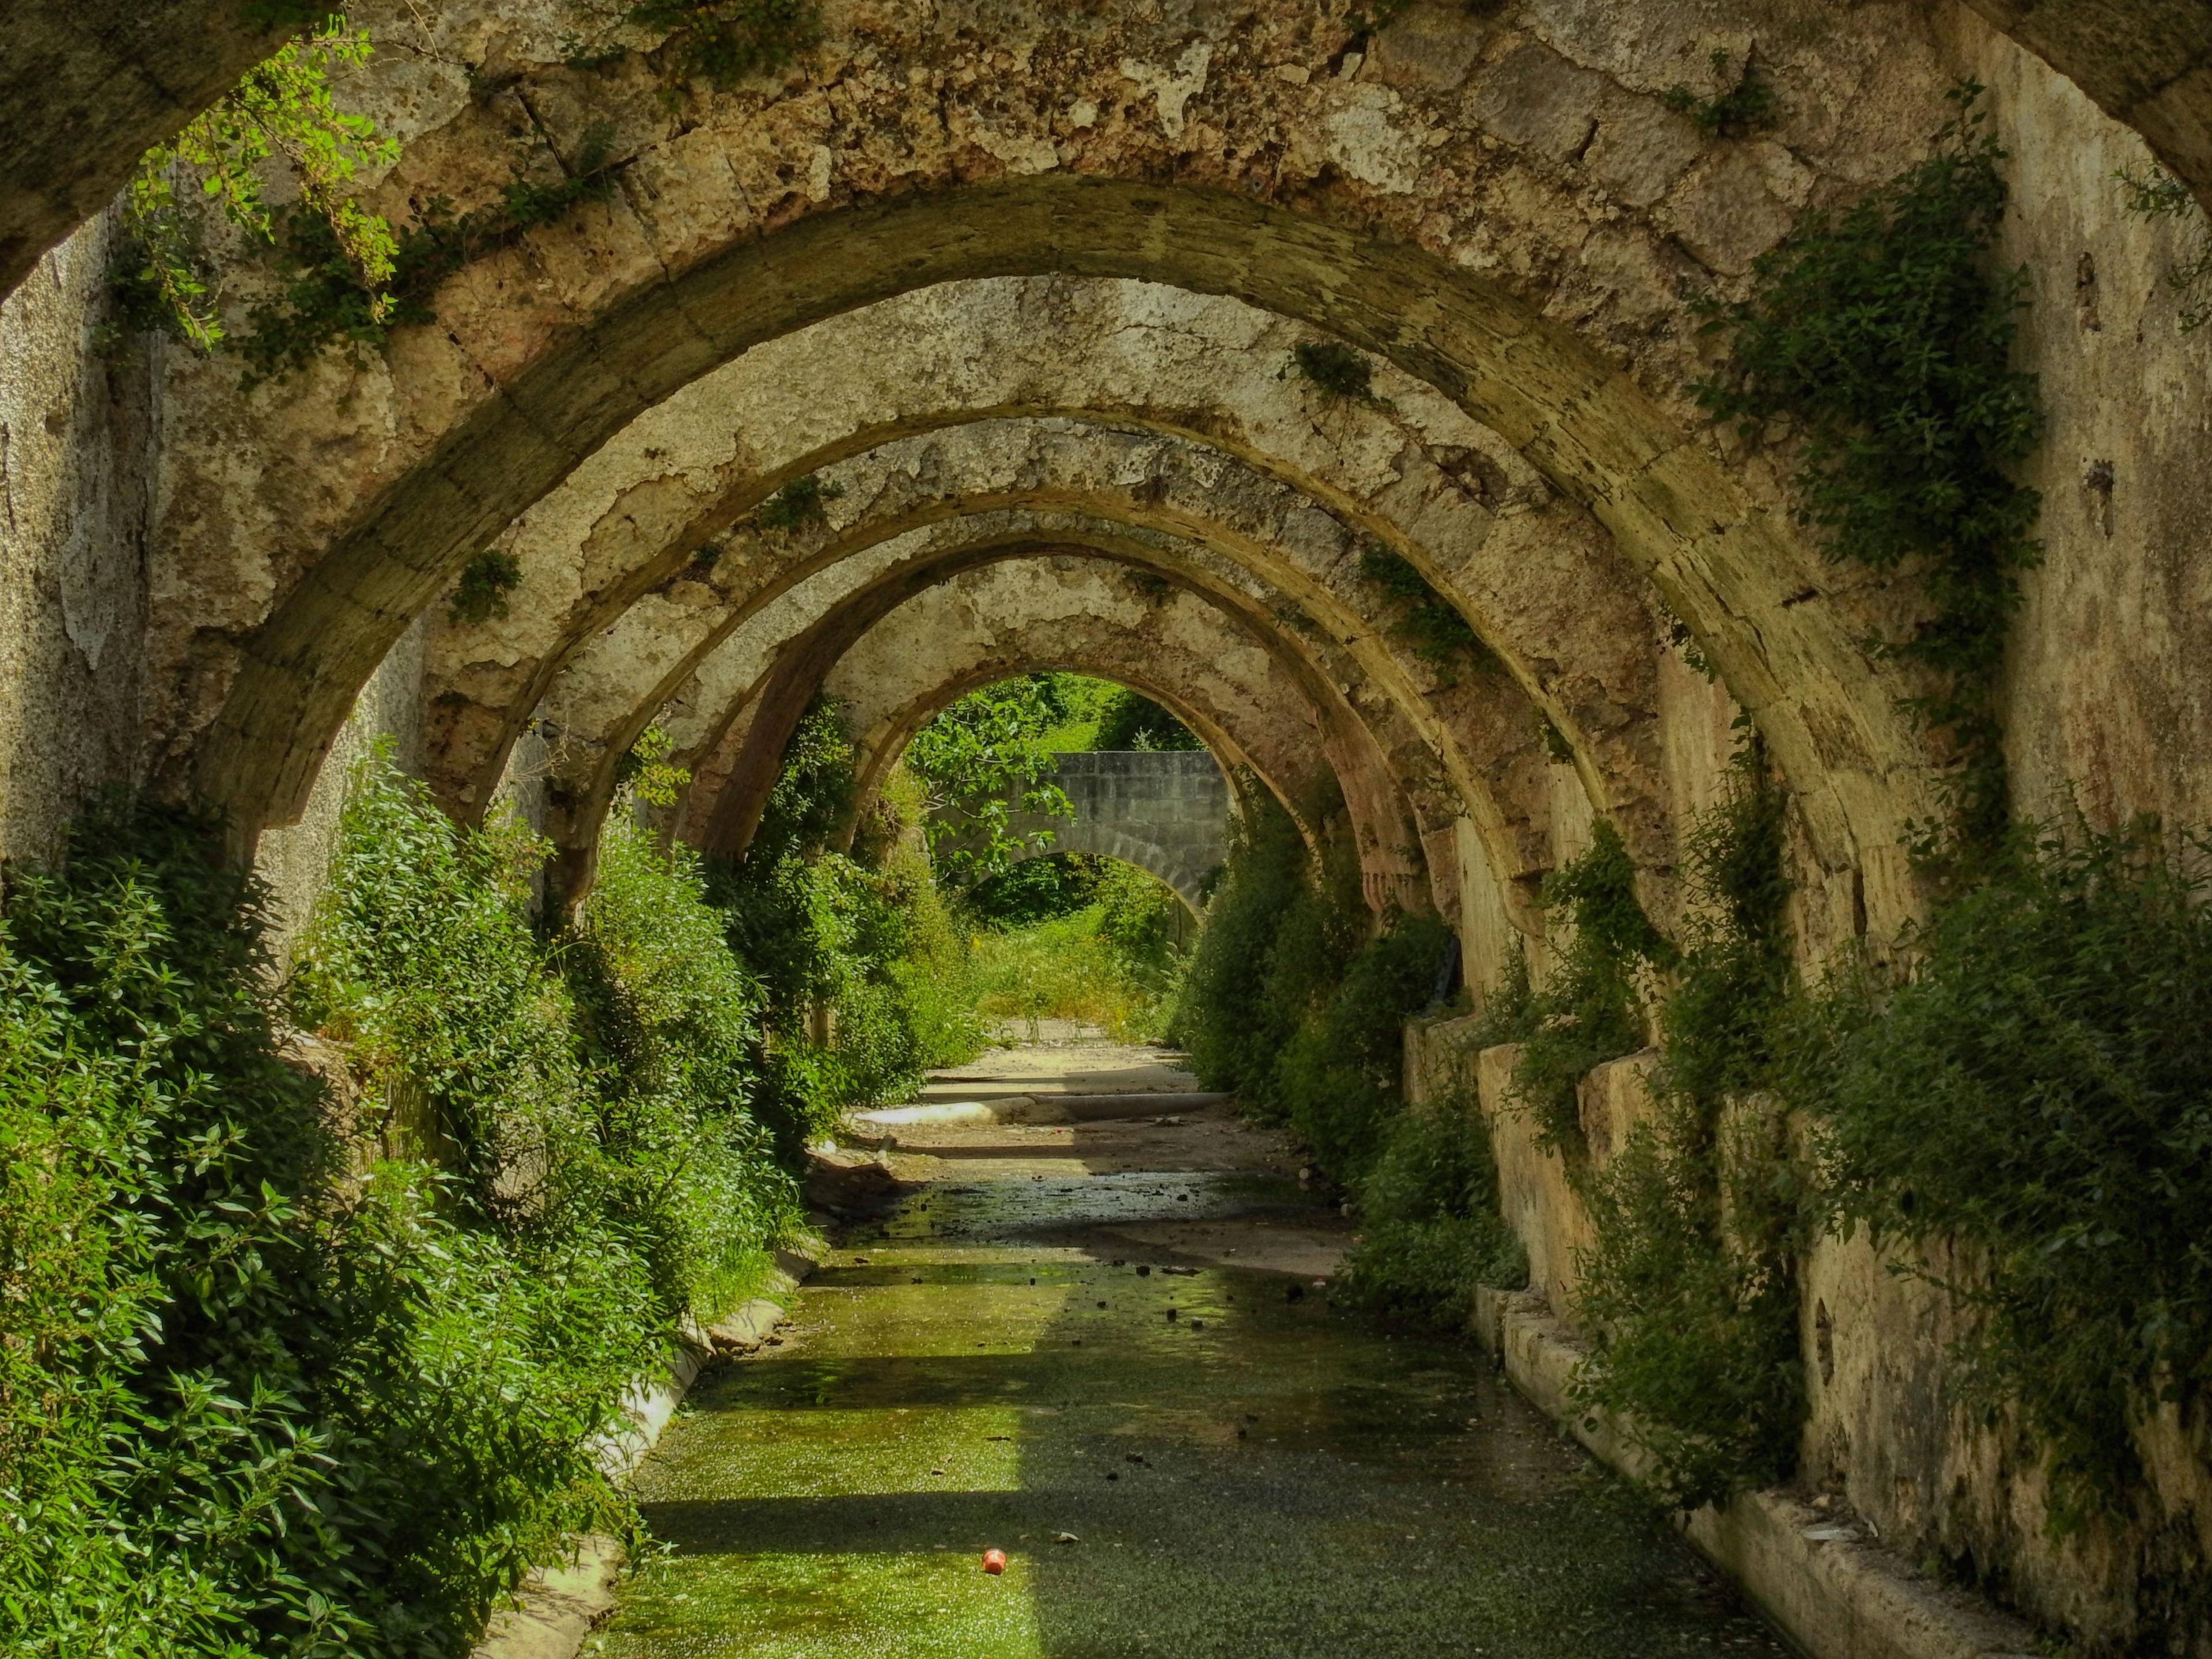 Parco naturale regionale Terra delle Gravine, Apulien, Italien